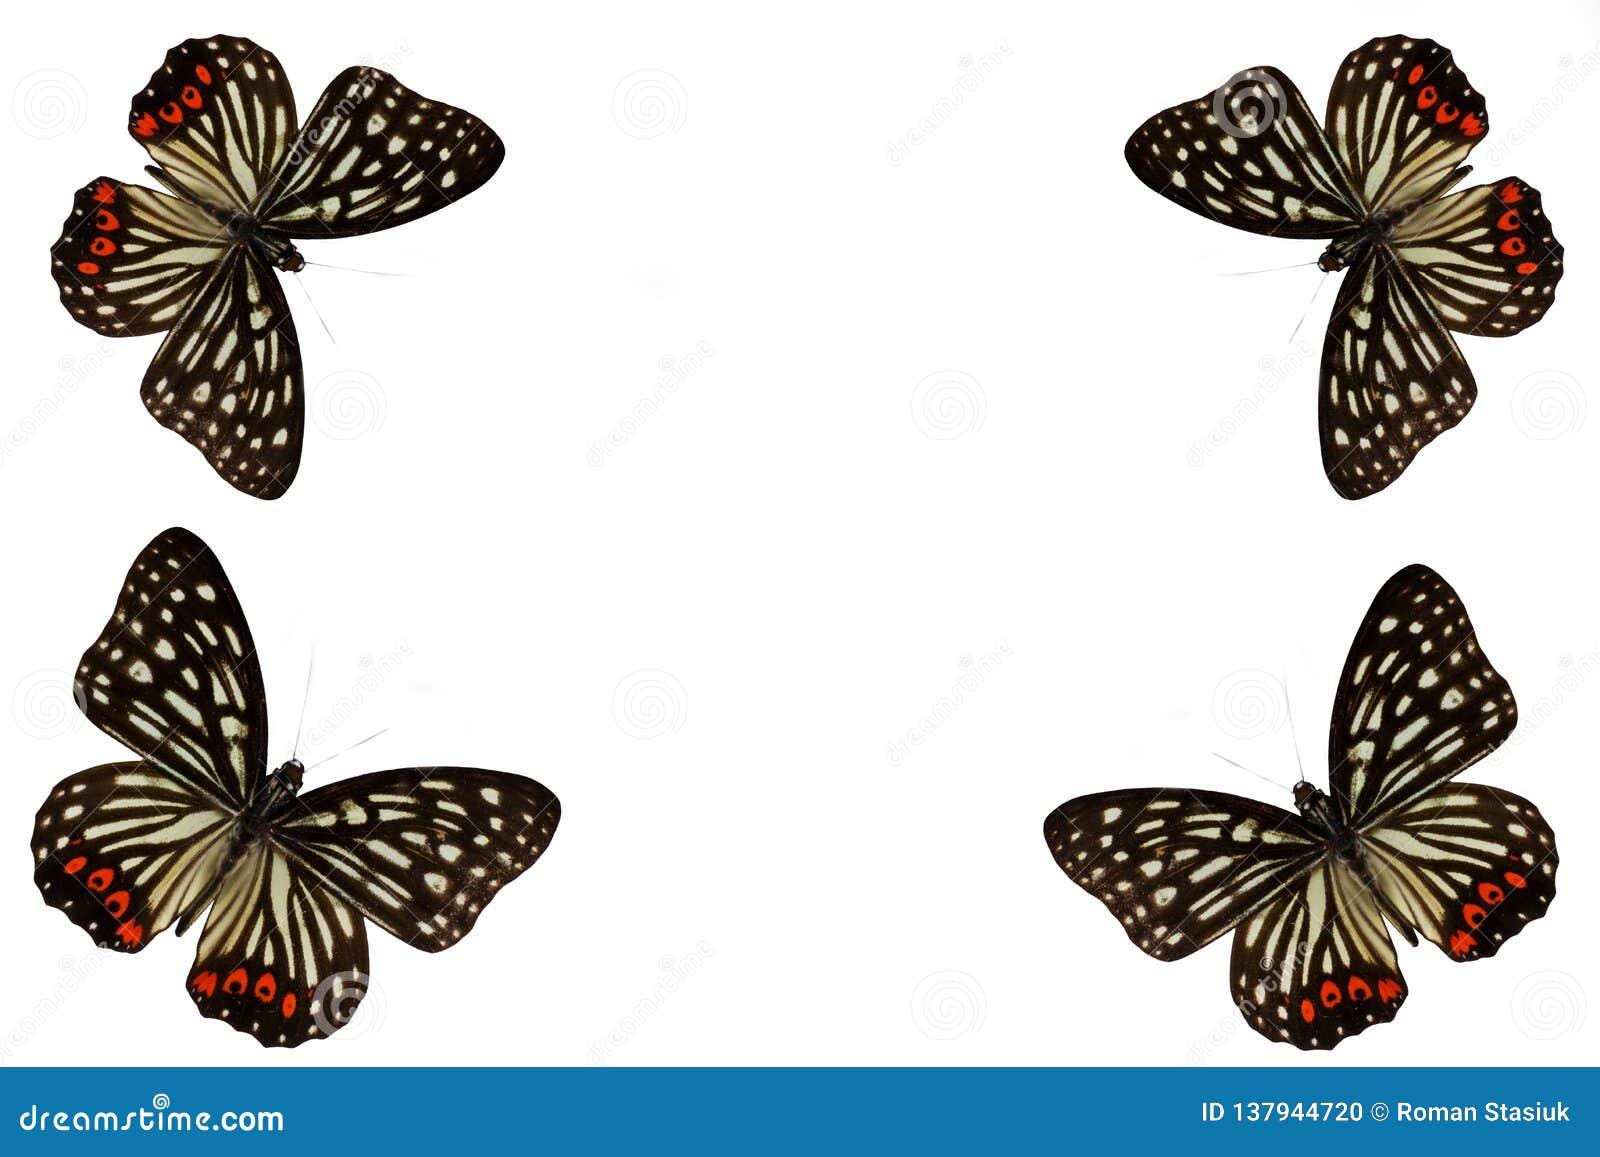 Πεταλούδα σε ένα καθαρό υπόβαθρο